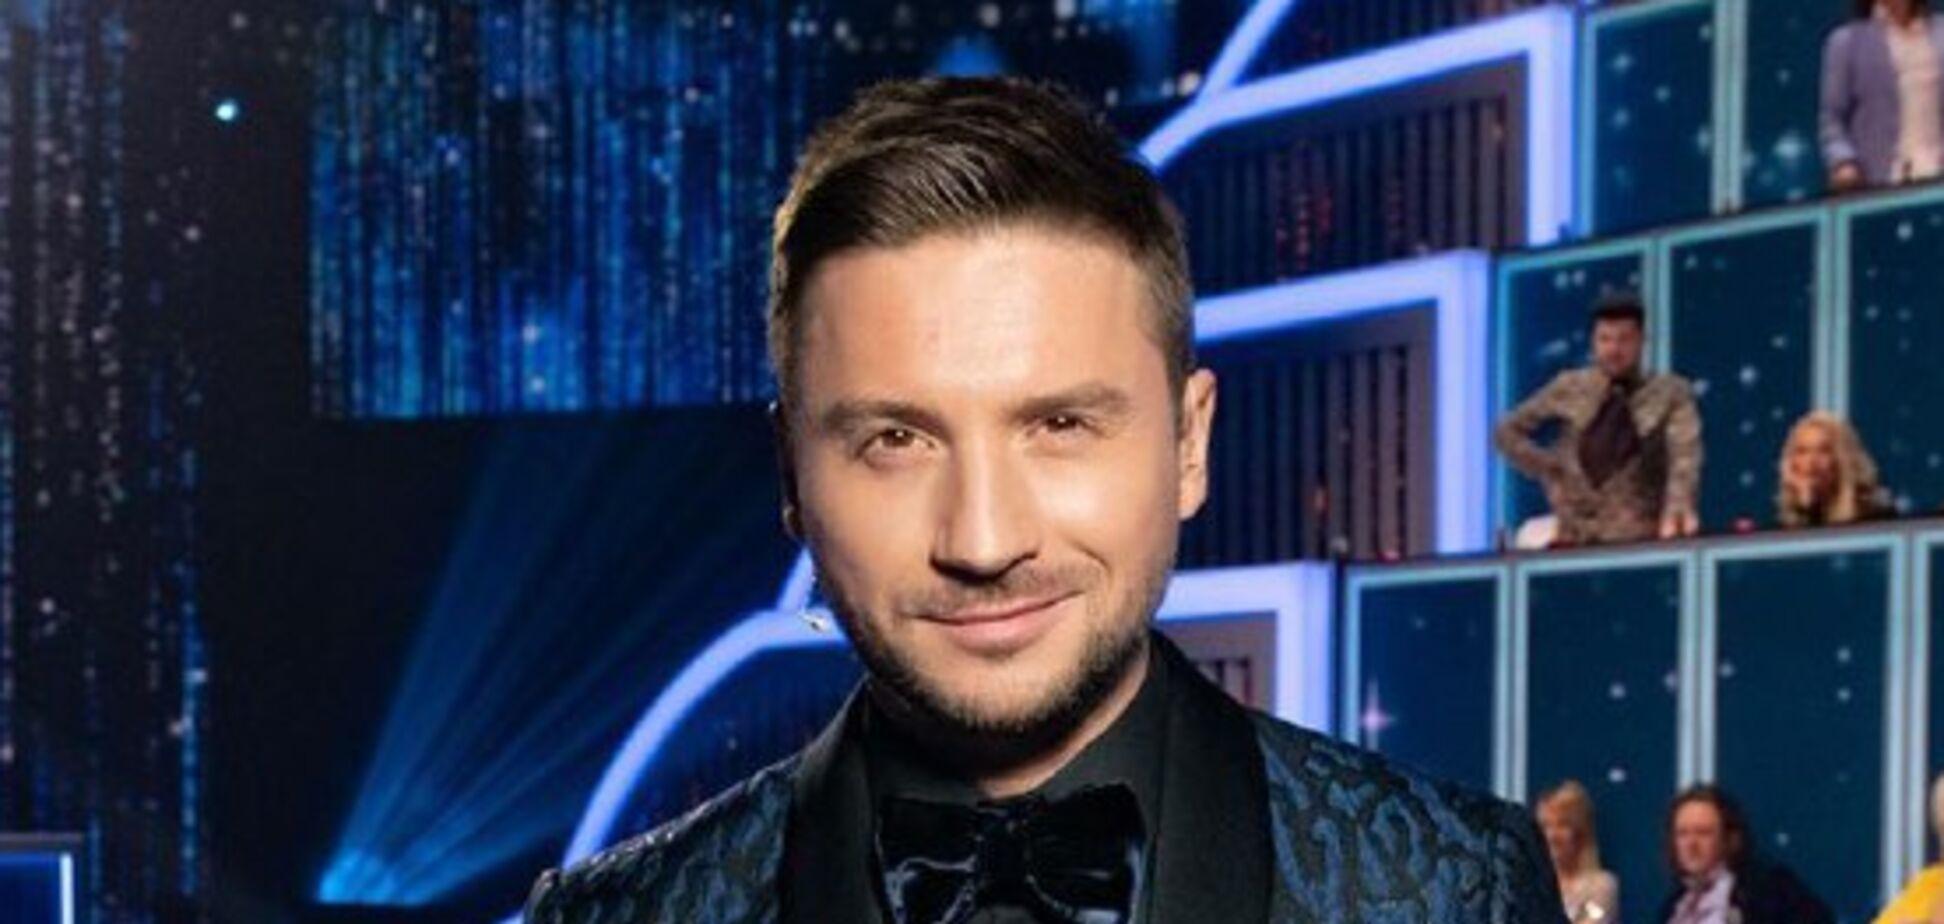 Гей или нет: откуда пошли слухи о гомосексуальности 37-летнего Сергея Лазарева